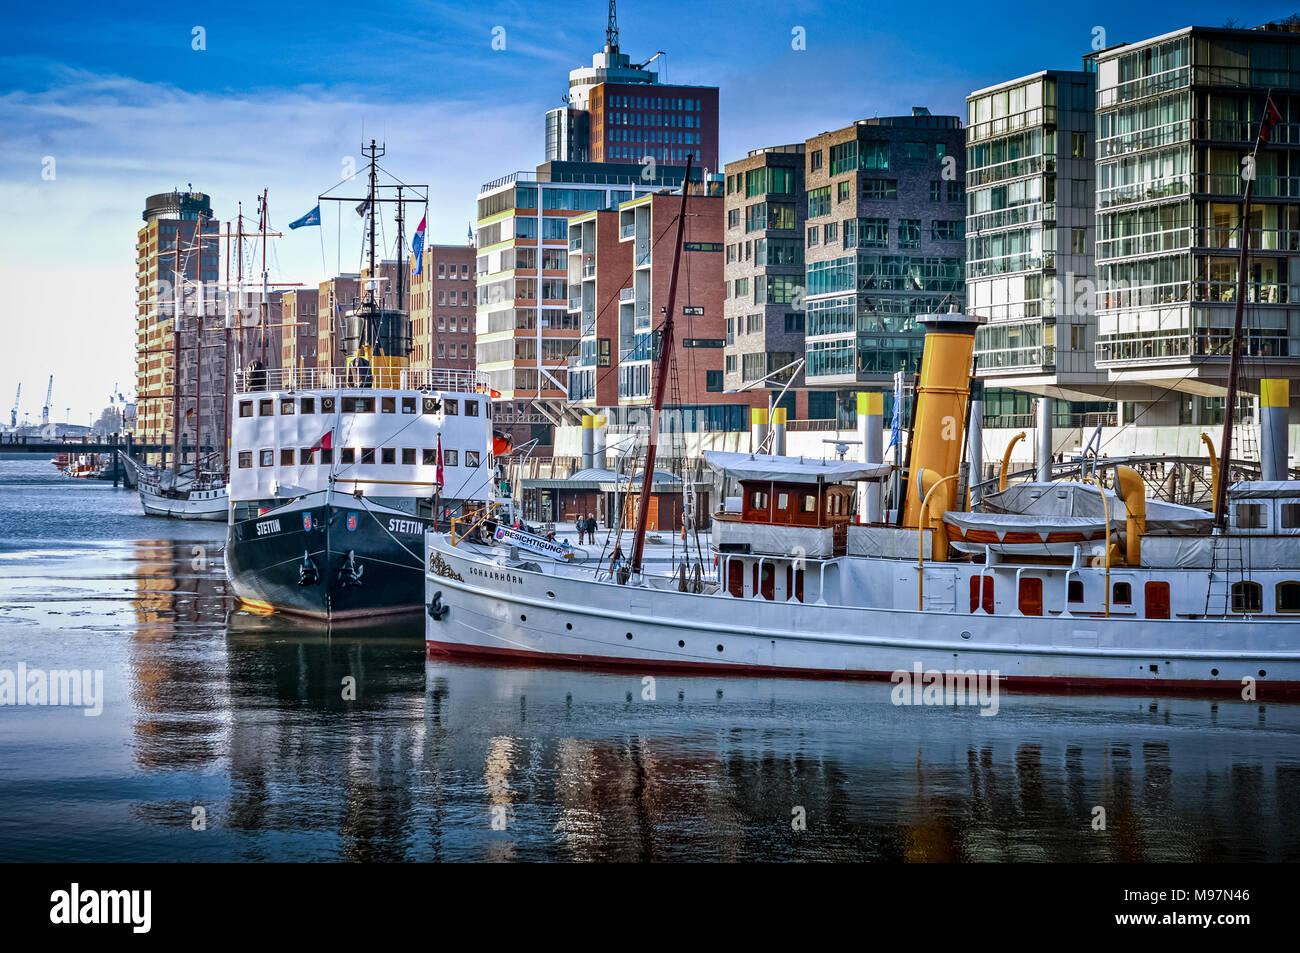 Deutschland, Hamburg, Hafencity, Sandtorkai, Sandtorhafen, Dalmannkai, Architekur, historisches Schiff, der tettin', 'chaarhörn' Stockbild